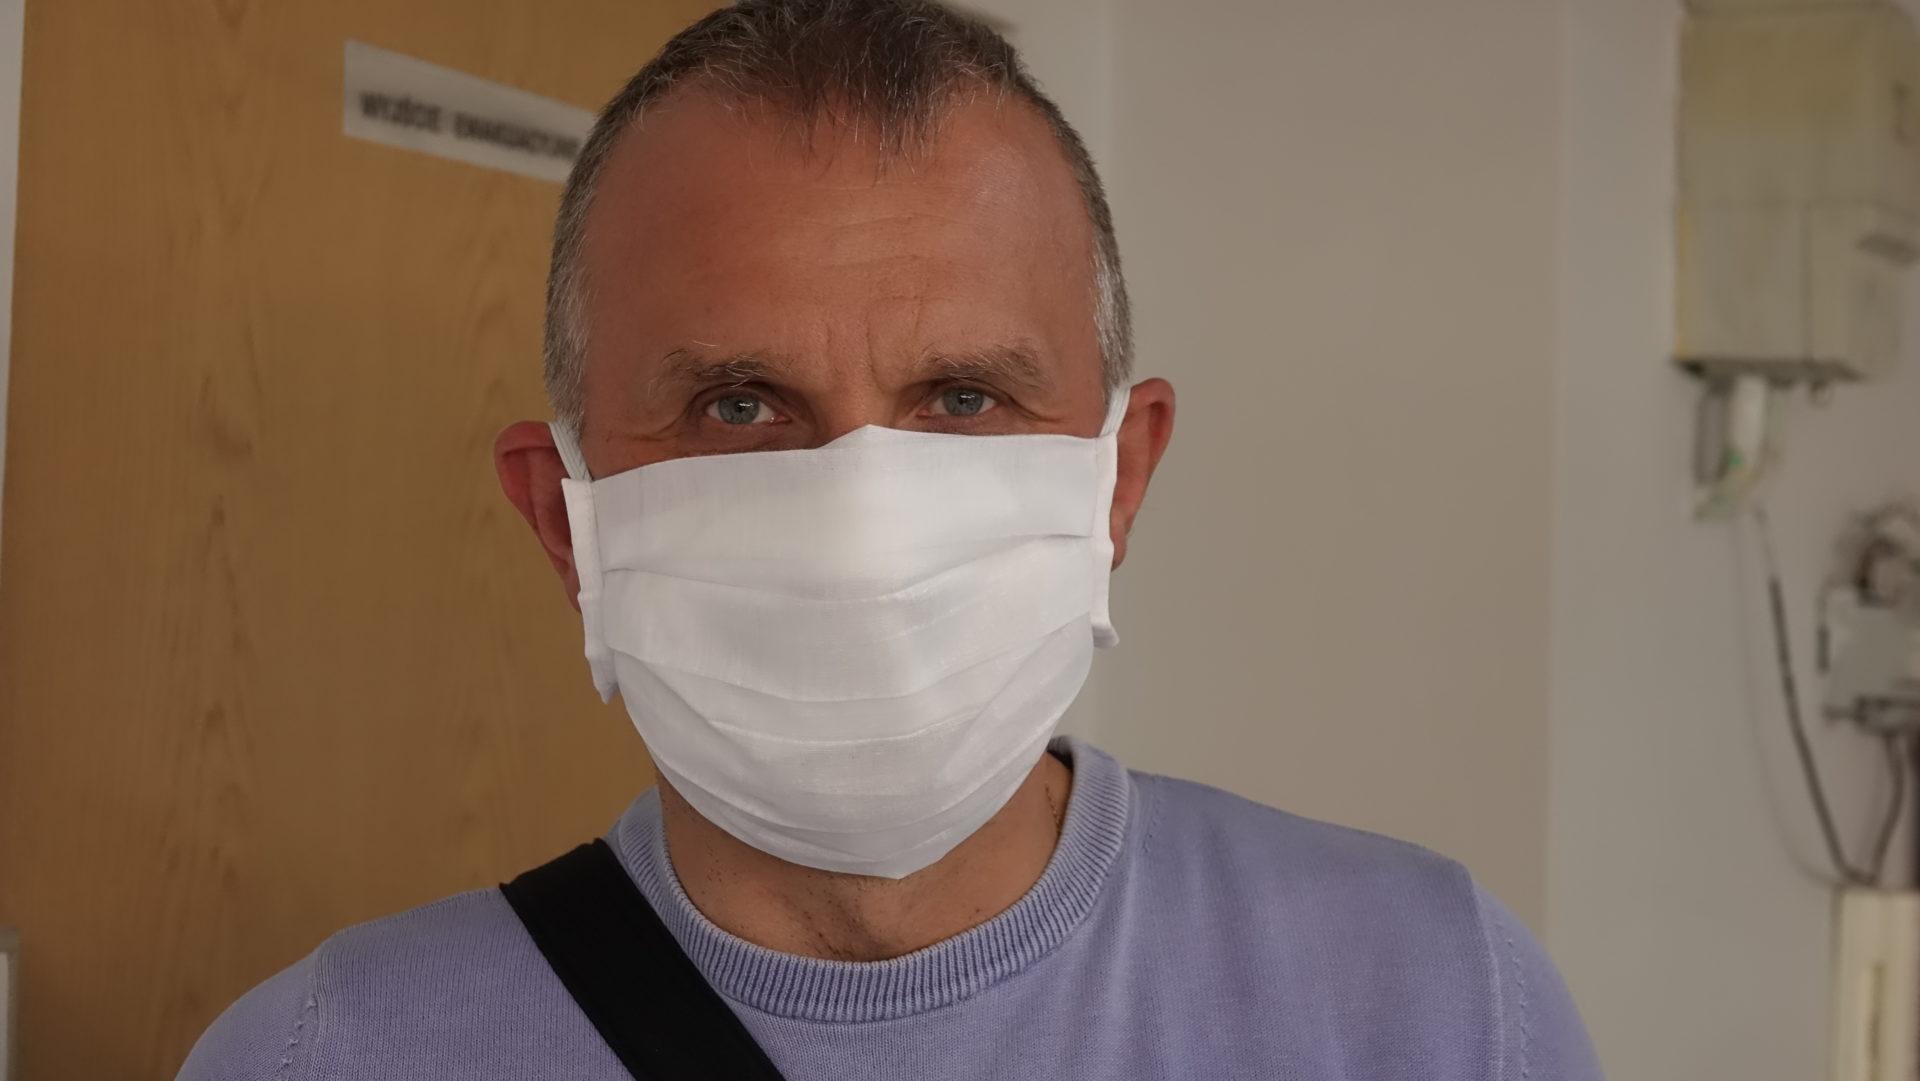 Od 16 kwietnia obowiązek zasłaniania ust i nosa